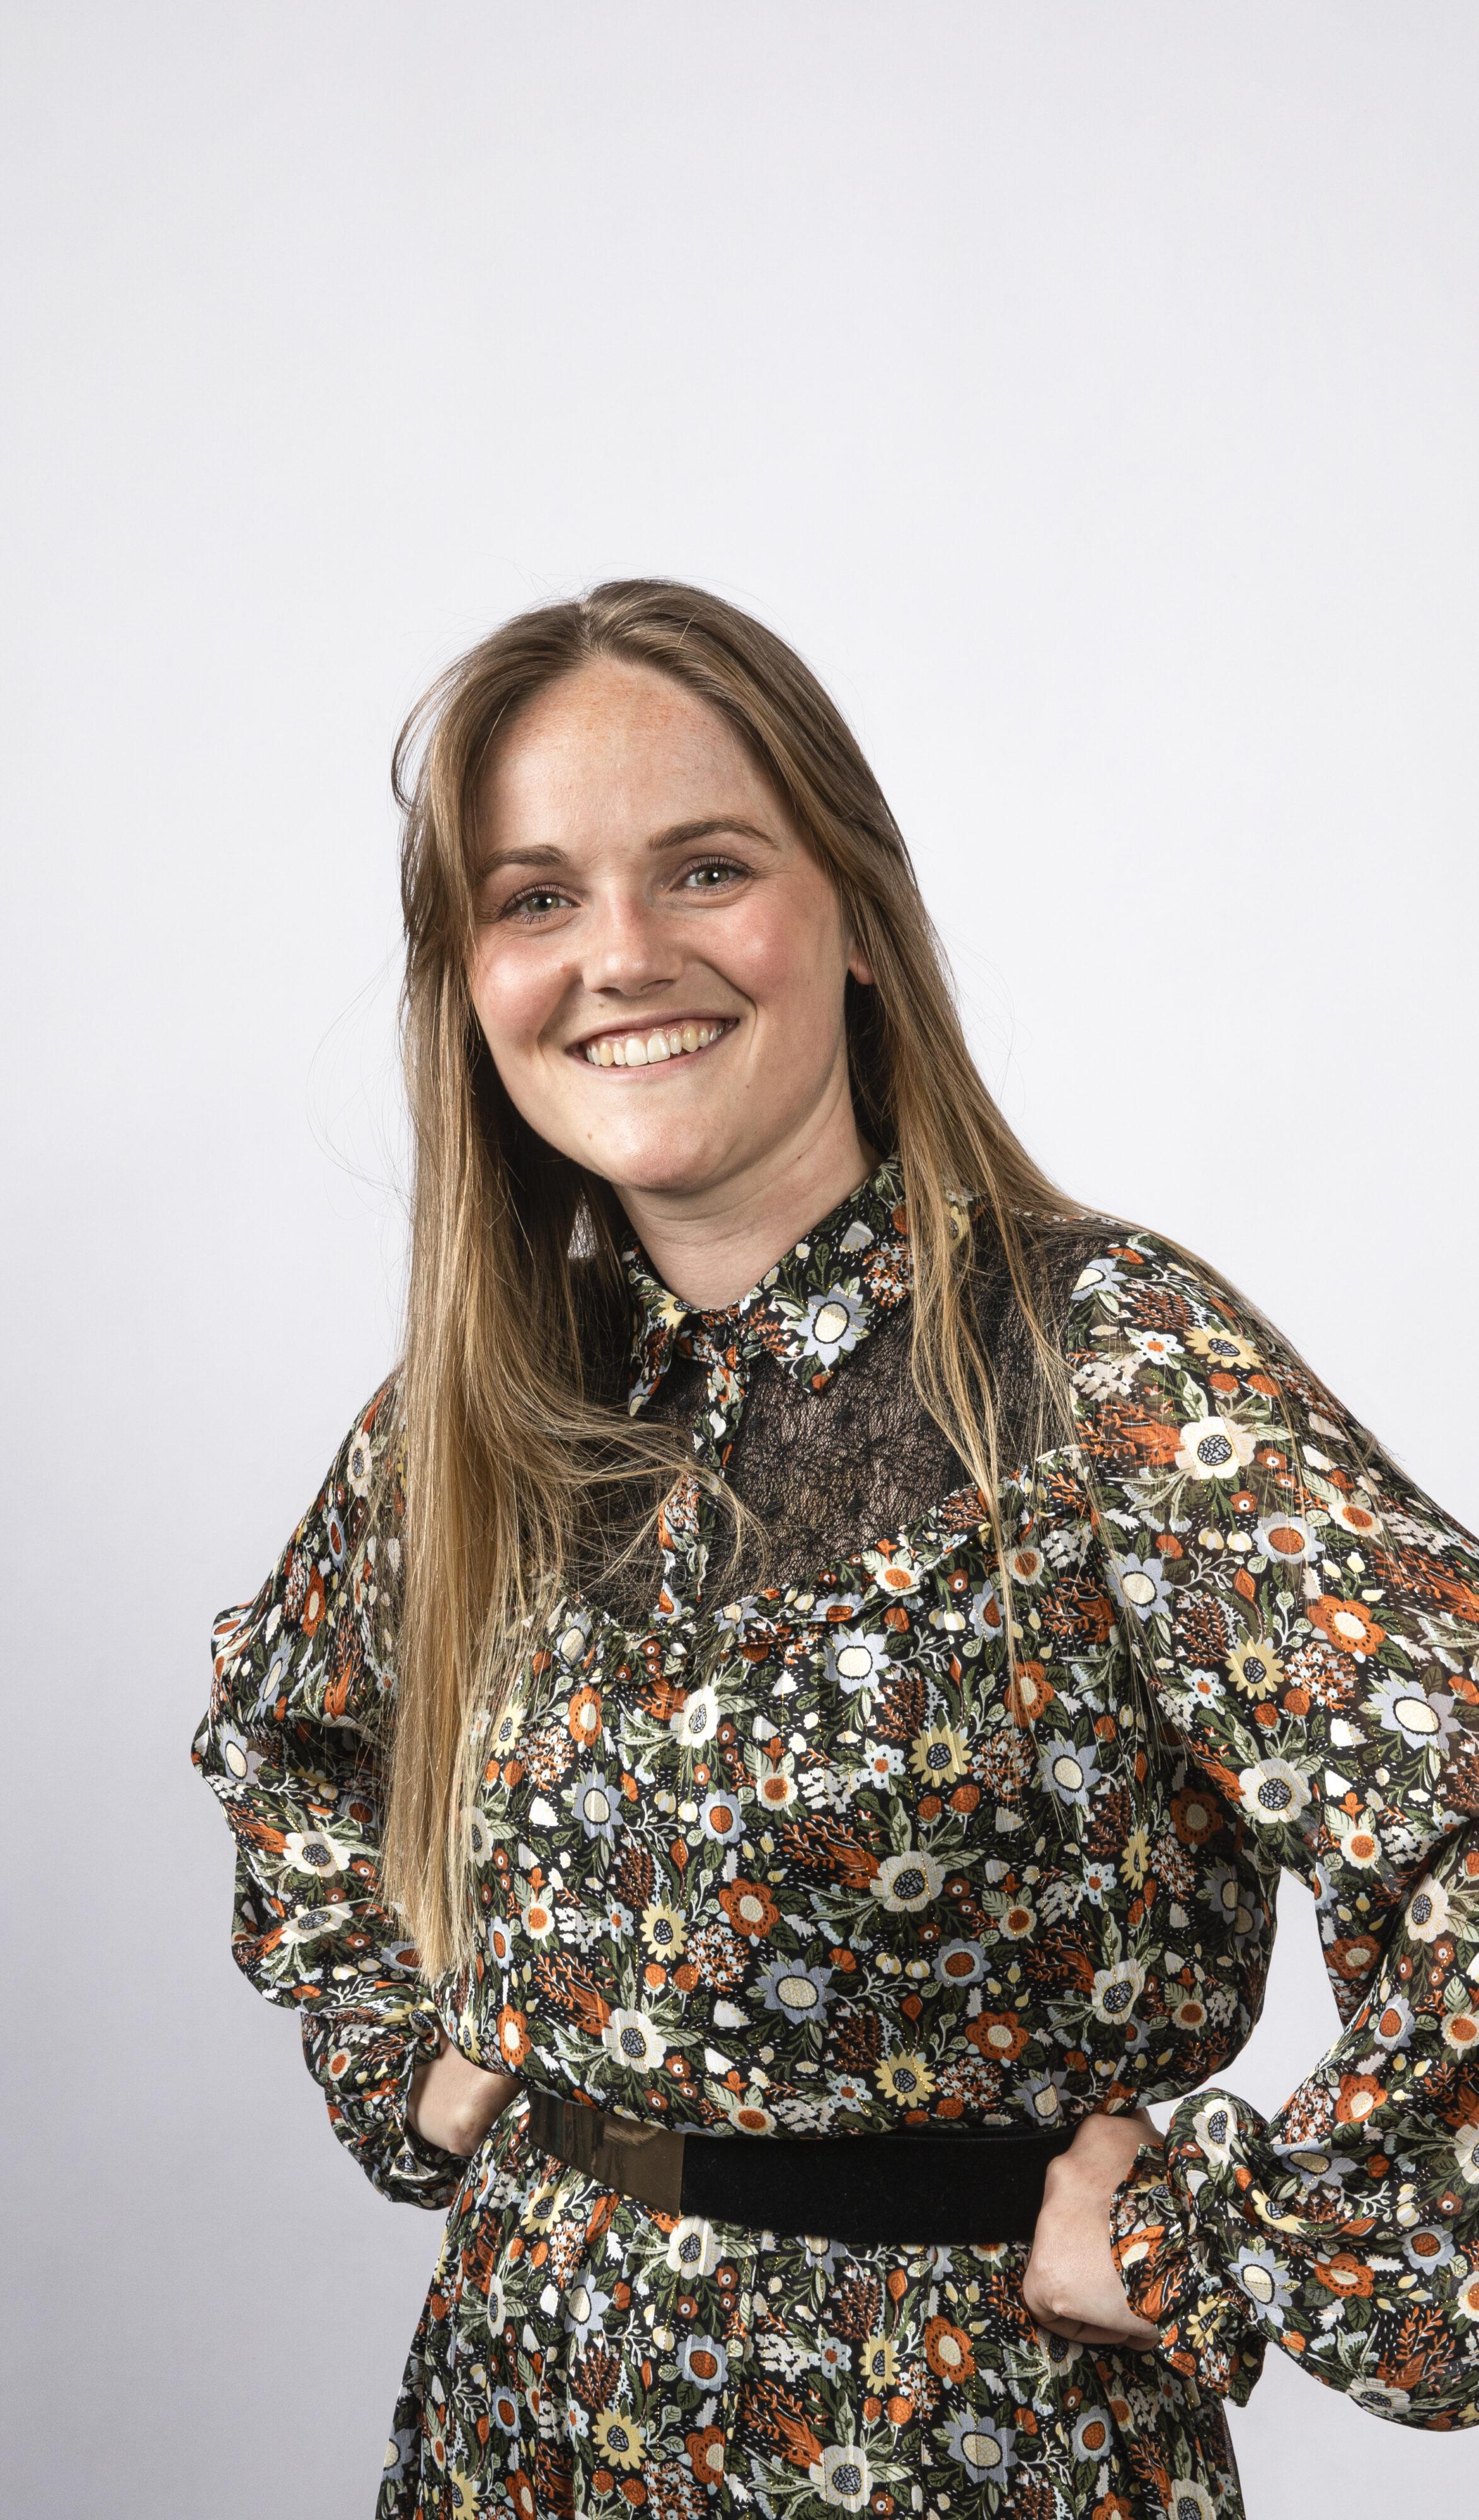 Catie Bakker